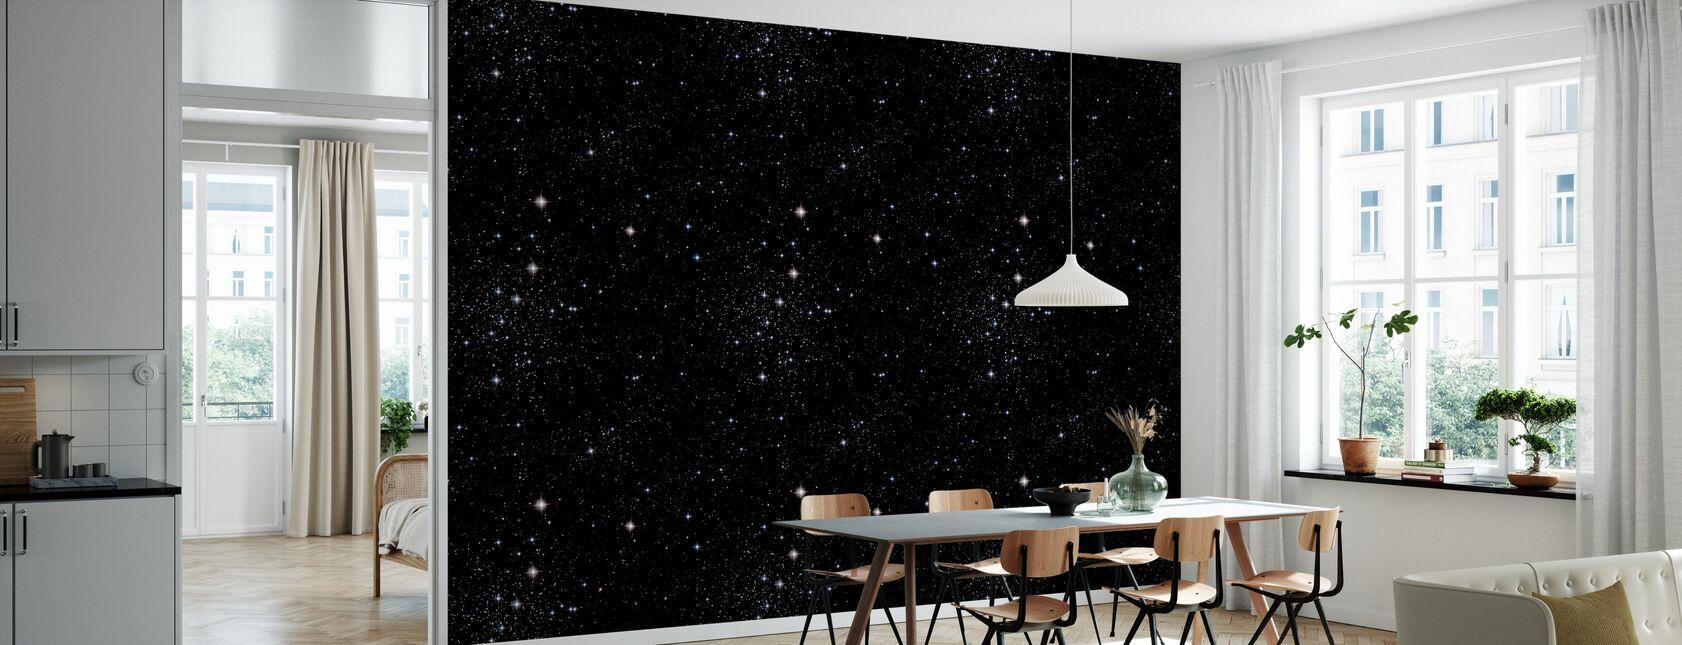 Star Night - Tapet - Kjøkken